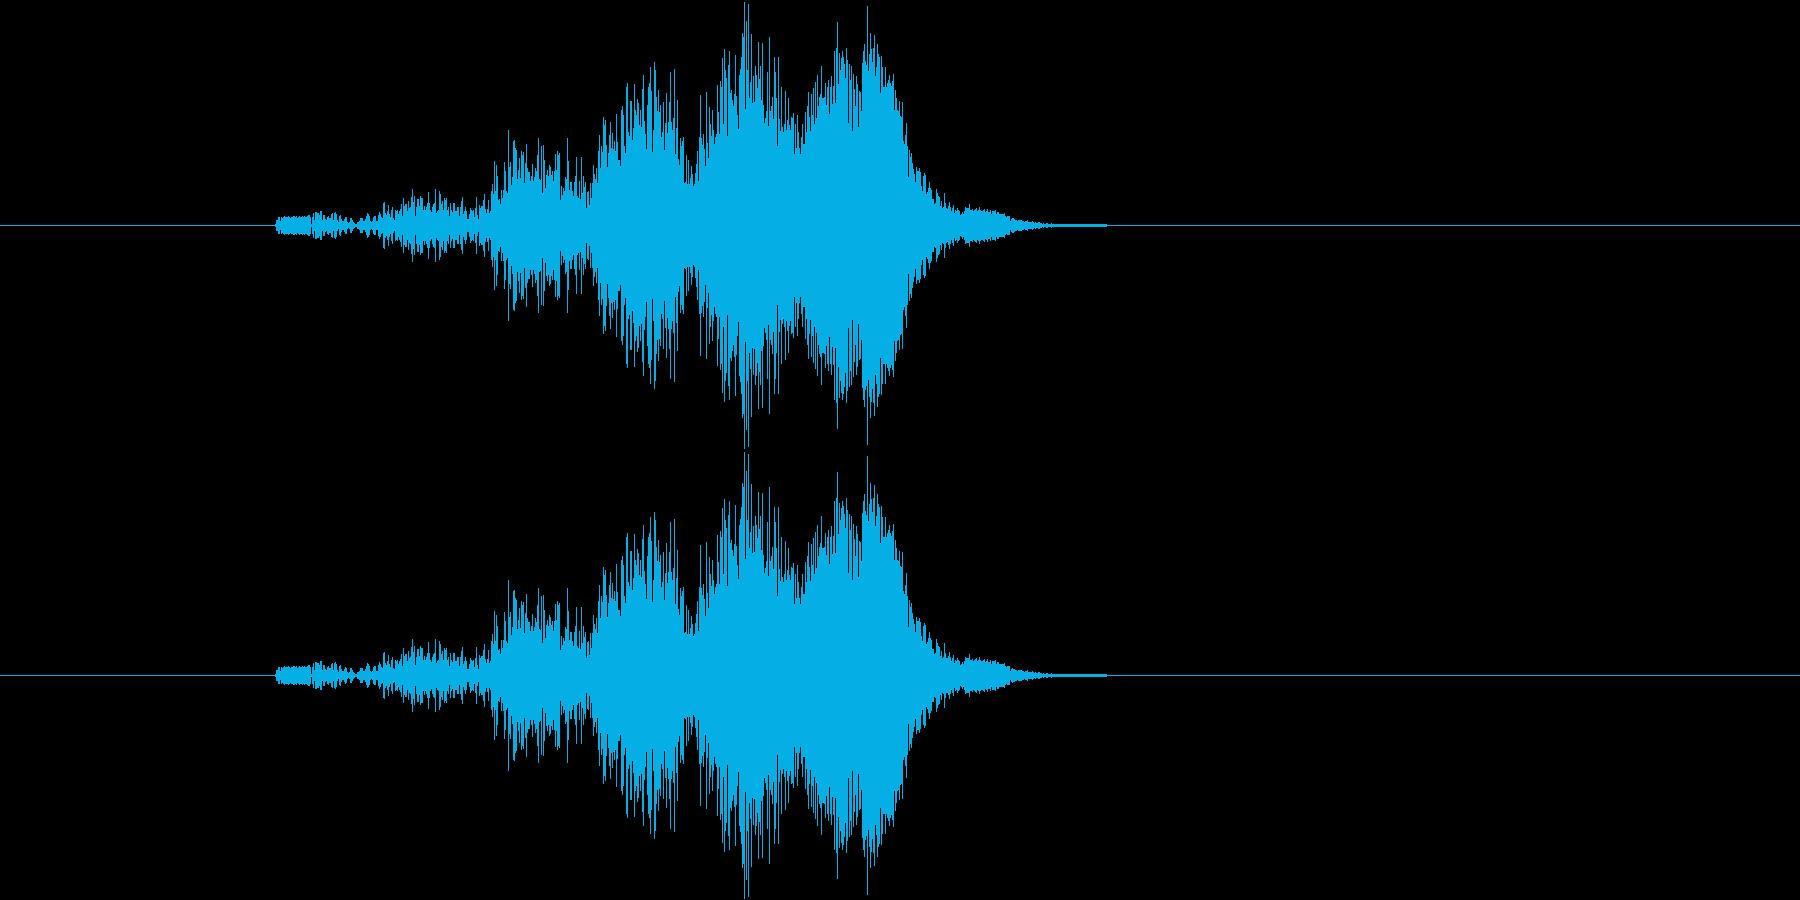 小さいものが急に大きくなるイメージ音の再生済みの波形